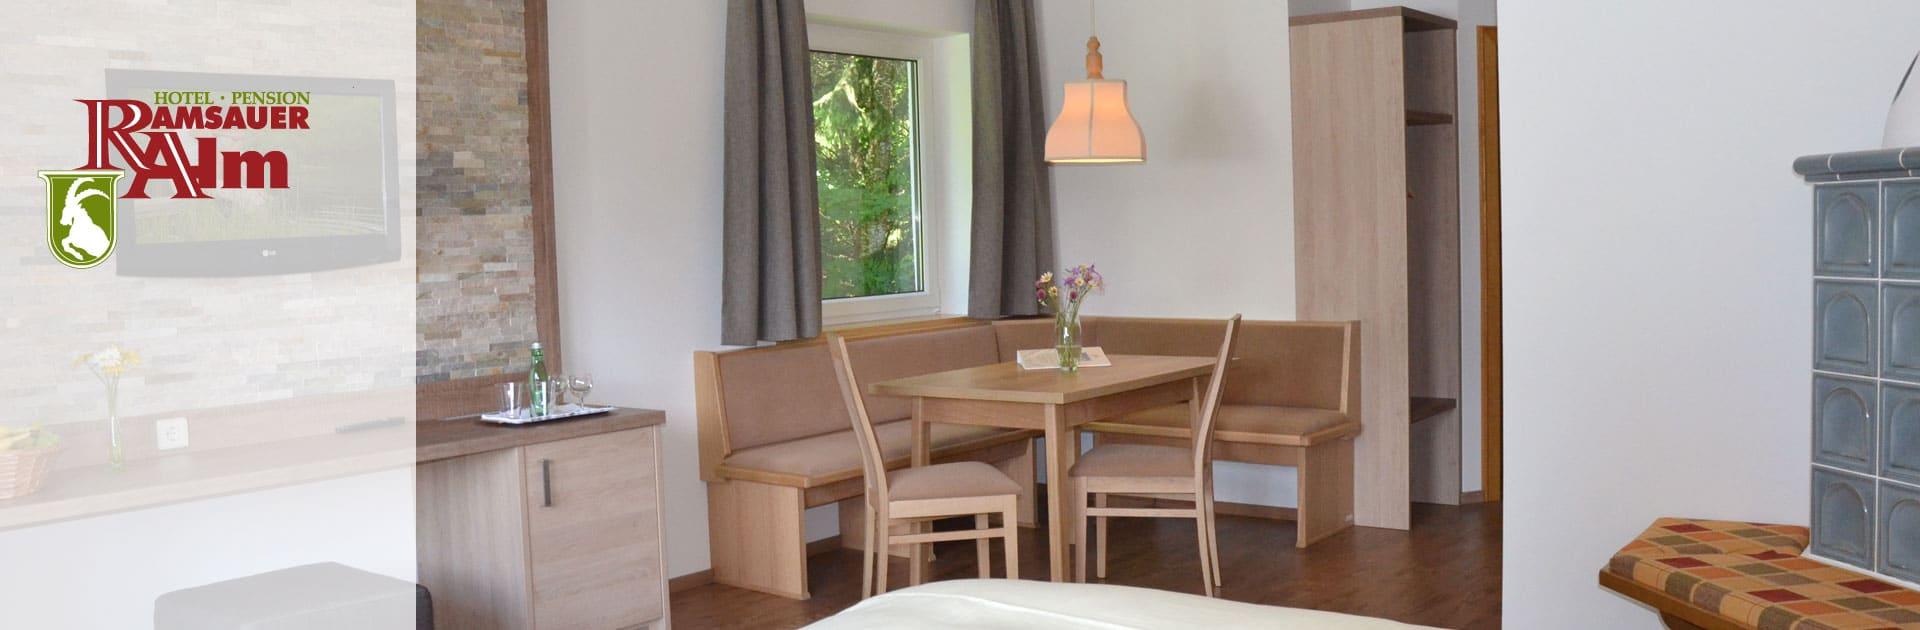 Familienzimmer im Hotel Ramsauer Alm in Ramsau am Dachstein